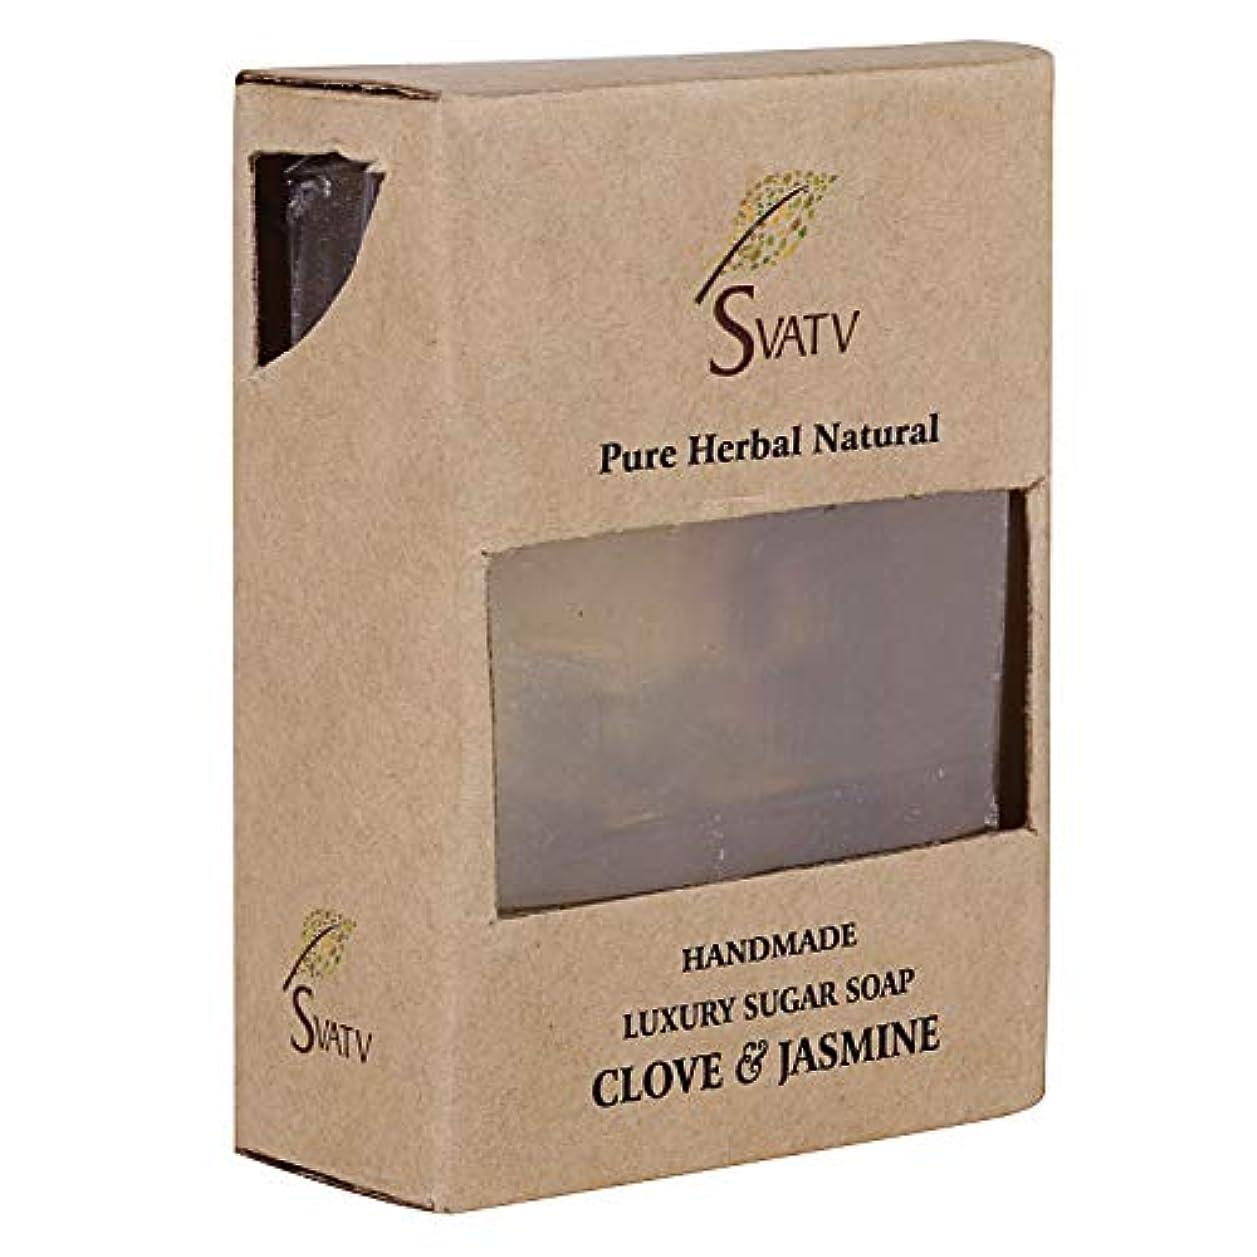 衣装幸運不振SVATV Handmade Luxury Sugar Natural Soap ll Clove & Jasmine ll For All Skin types 100g Bar ll Kosher Certified